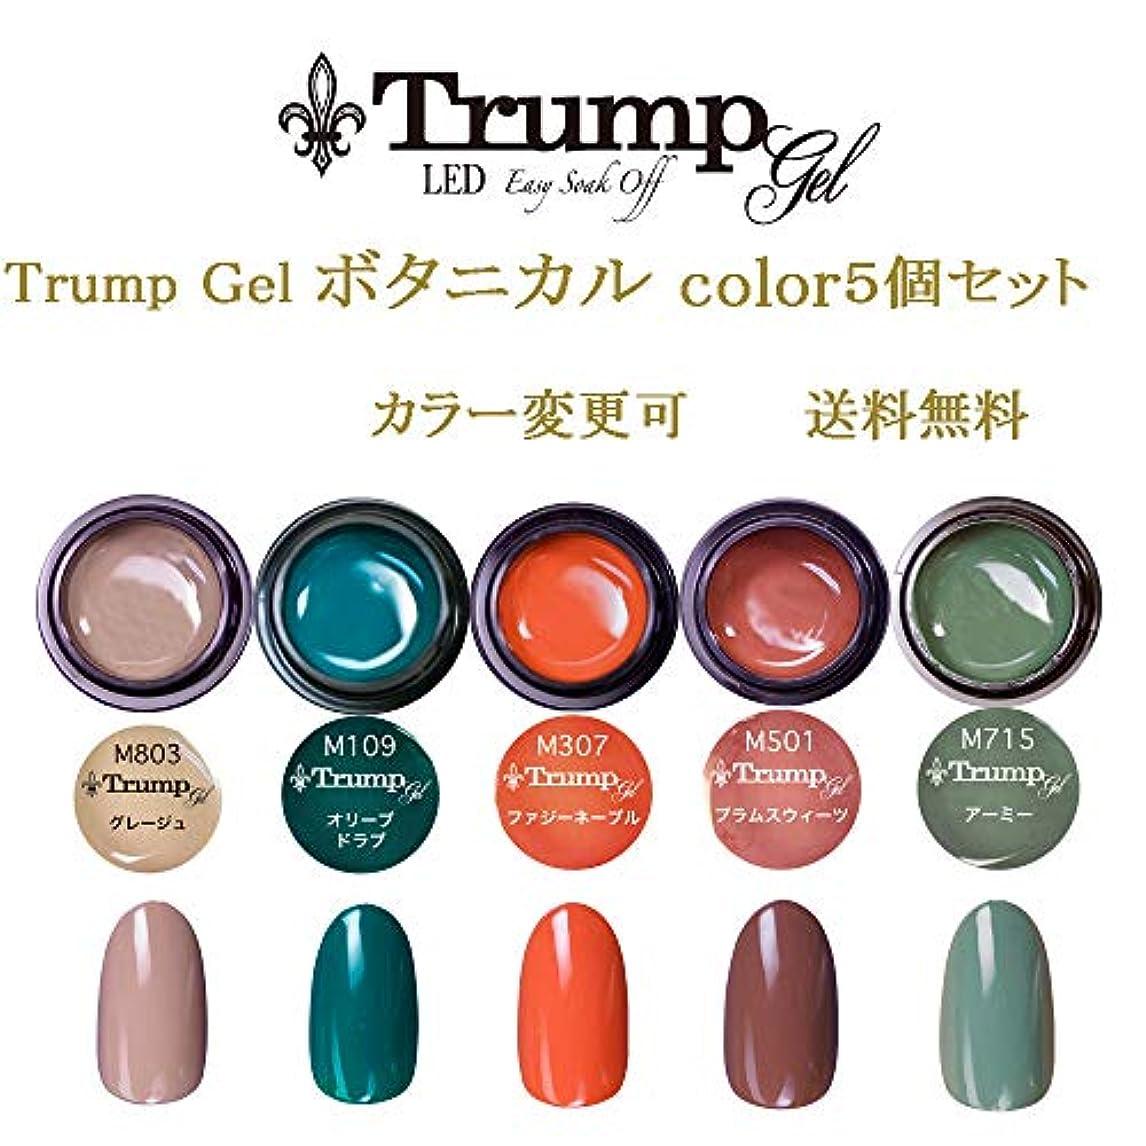 素晴らしいです建築家懺悔日本製 Trump gel トランプジェル ボタニカルカラー 選べる カラージェル 5個セット カーキー ベージュ グリーン